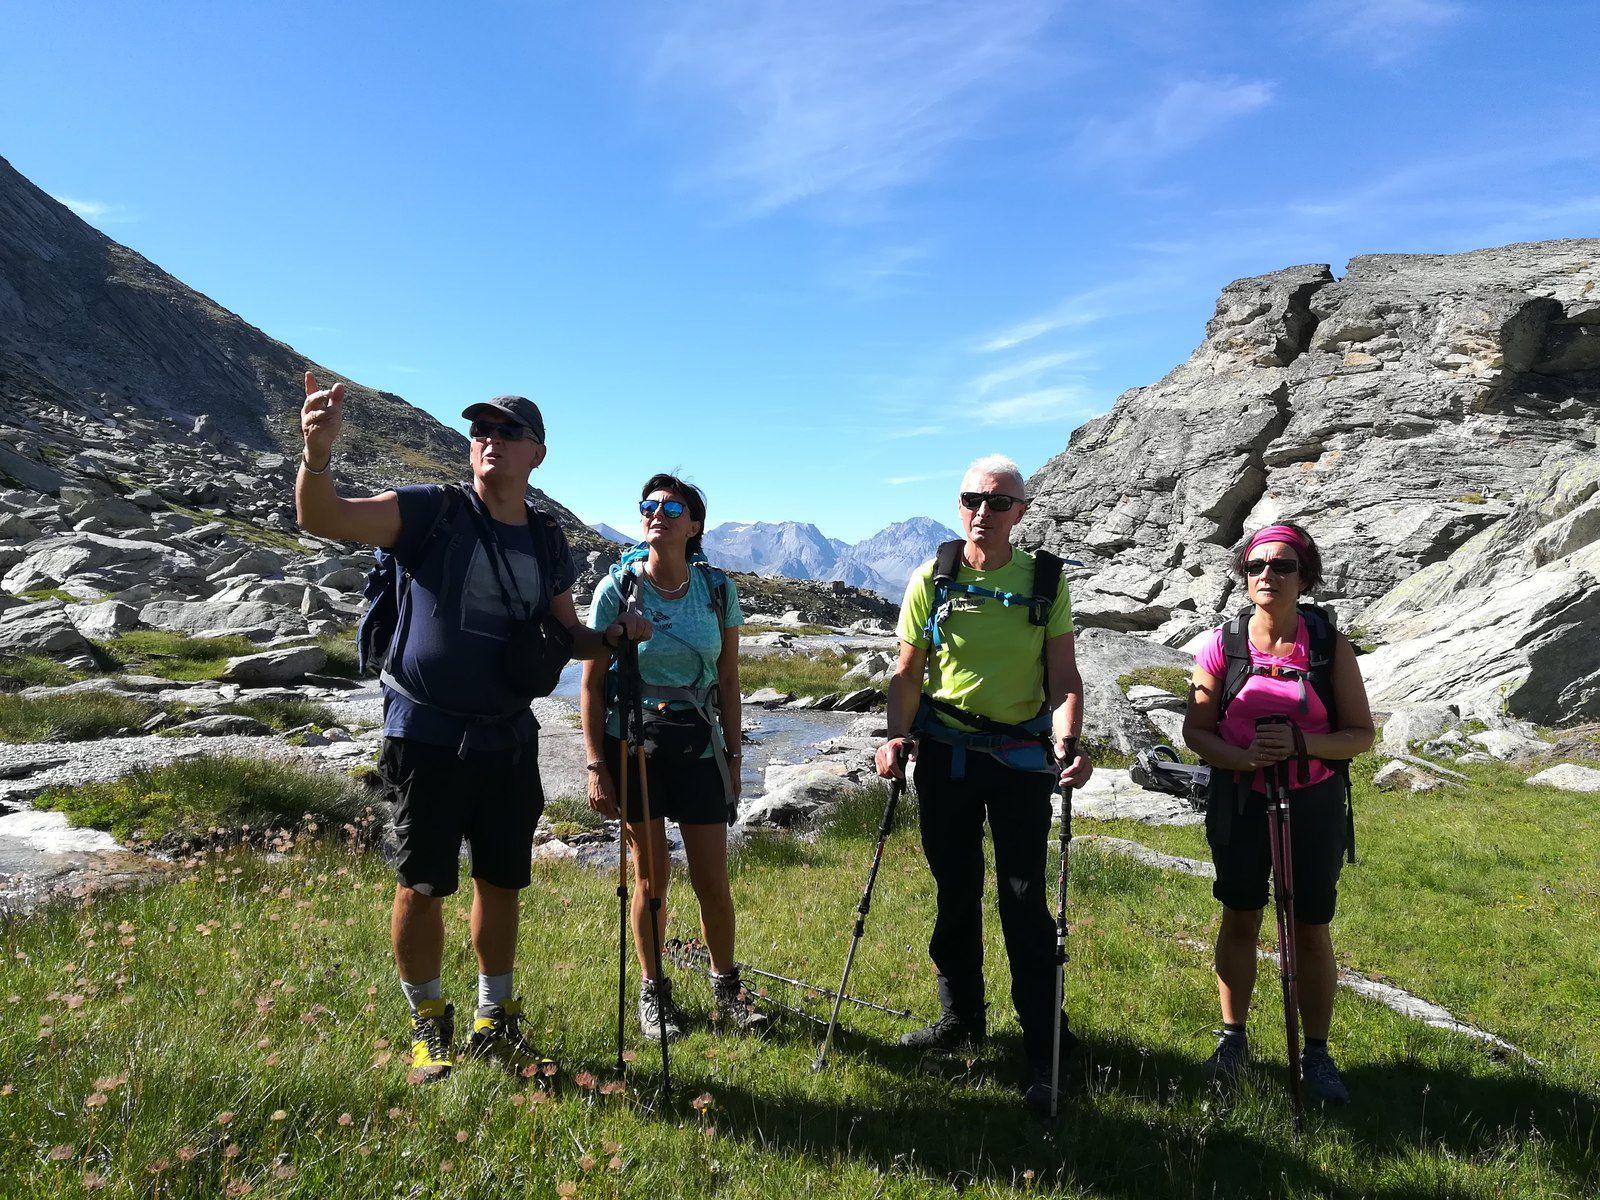 Premier plateau atteint après une bonne grimpette le long du ruisseau de Povaret.